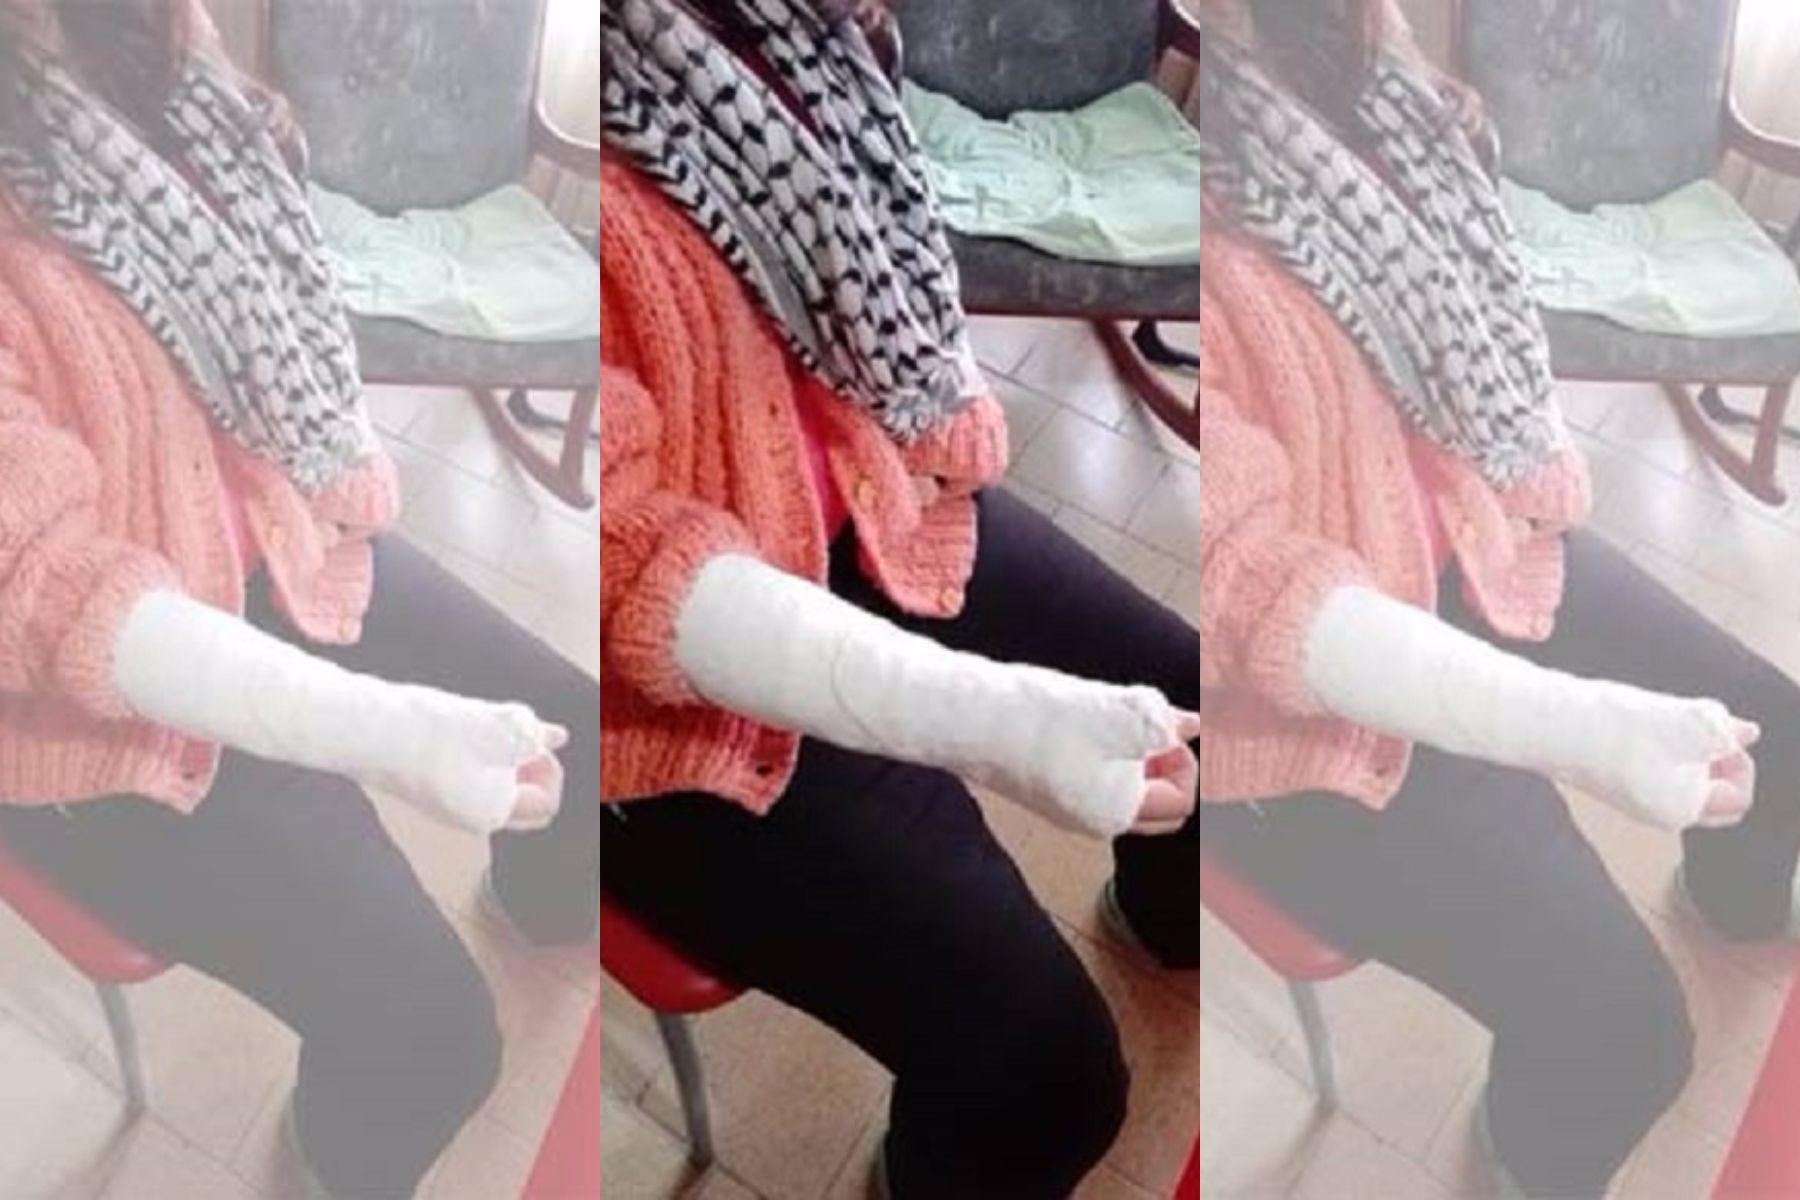 La obligaron a comer pasto y le fracturaron los dedos